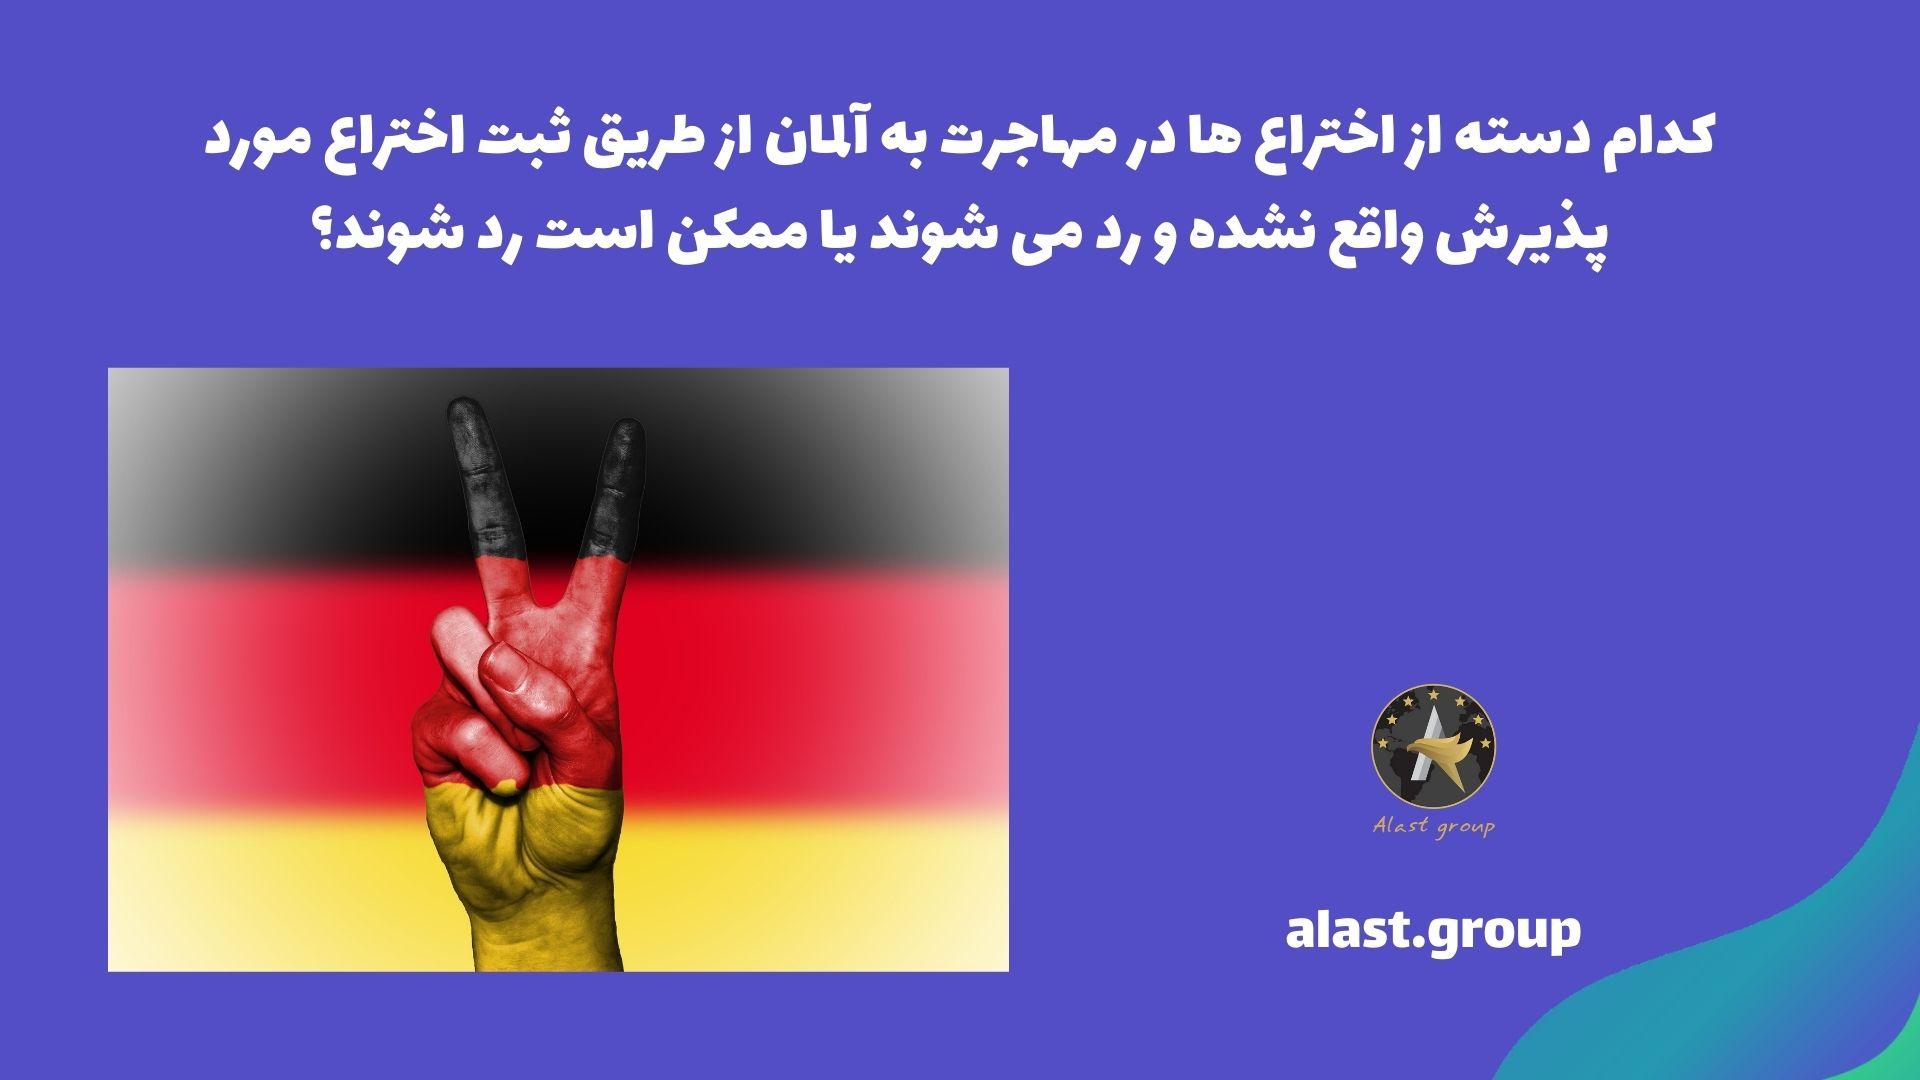 کدام دسته از اختراع ها در مهاجرت به آلمان از طریق ثبت اختراع مورد پذیرش واقع نشده و رد می شوند، یا ممکن است رد شوند؟